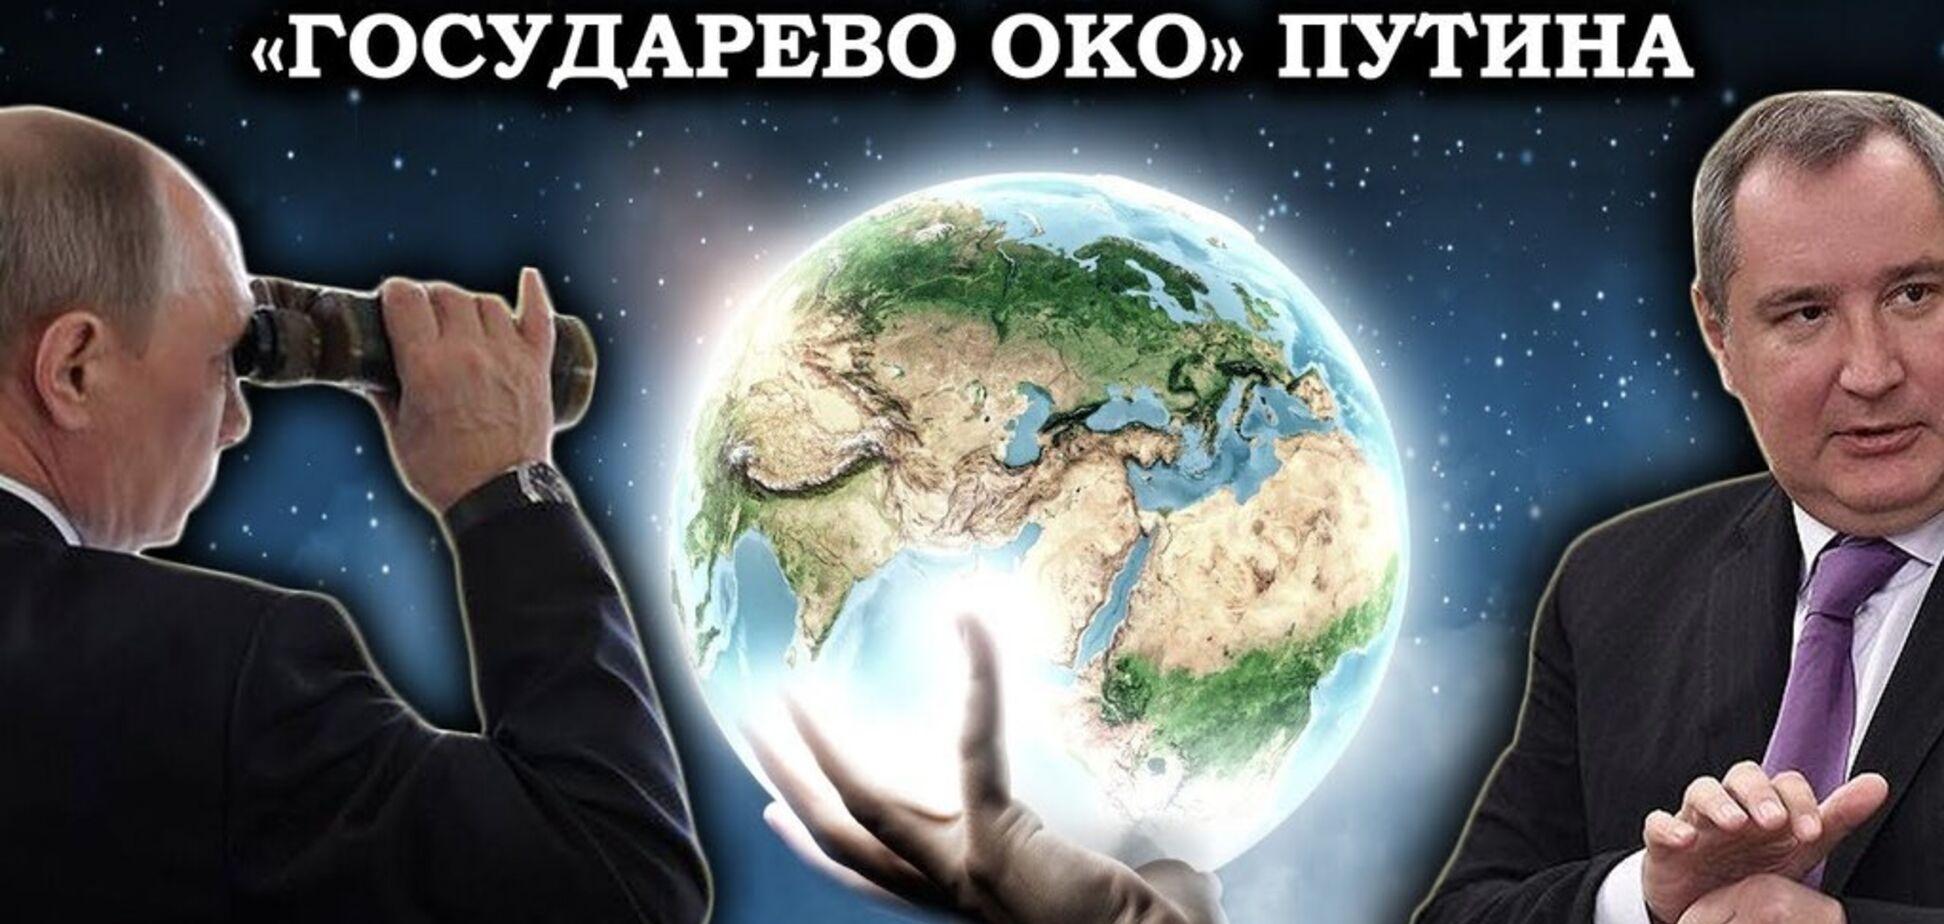 Путин будет следить за каждым: россияне, вы терпилоиды